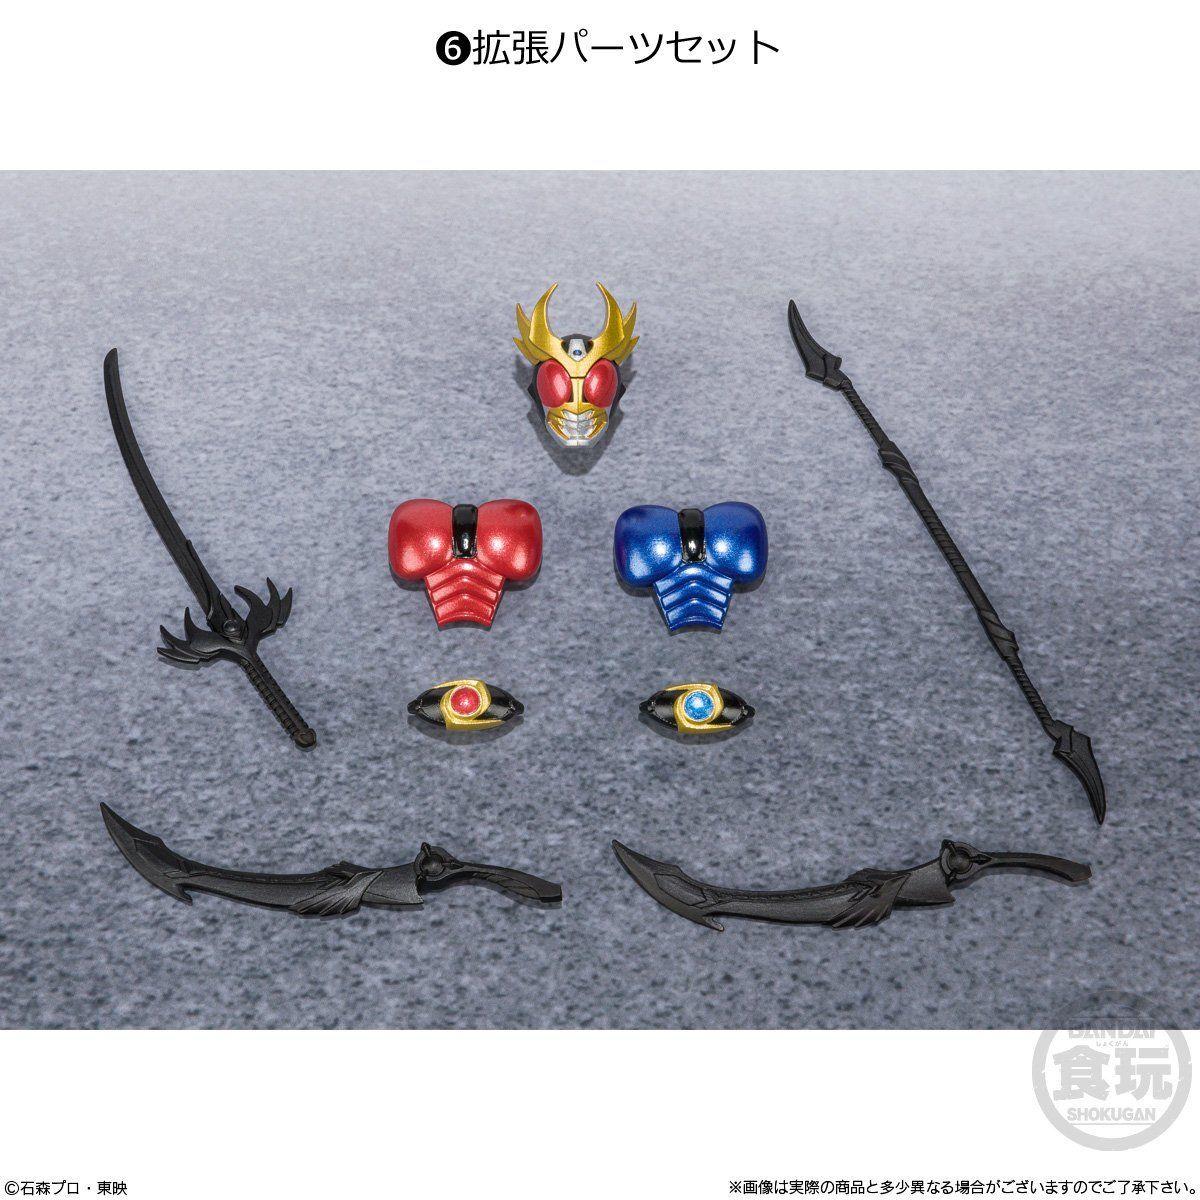 【食玩】SHODO-X『仮面ライダー6』可動フィギュア 10個入りBOX-006